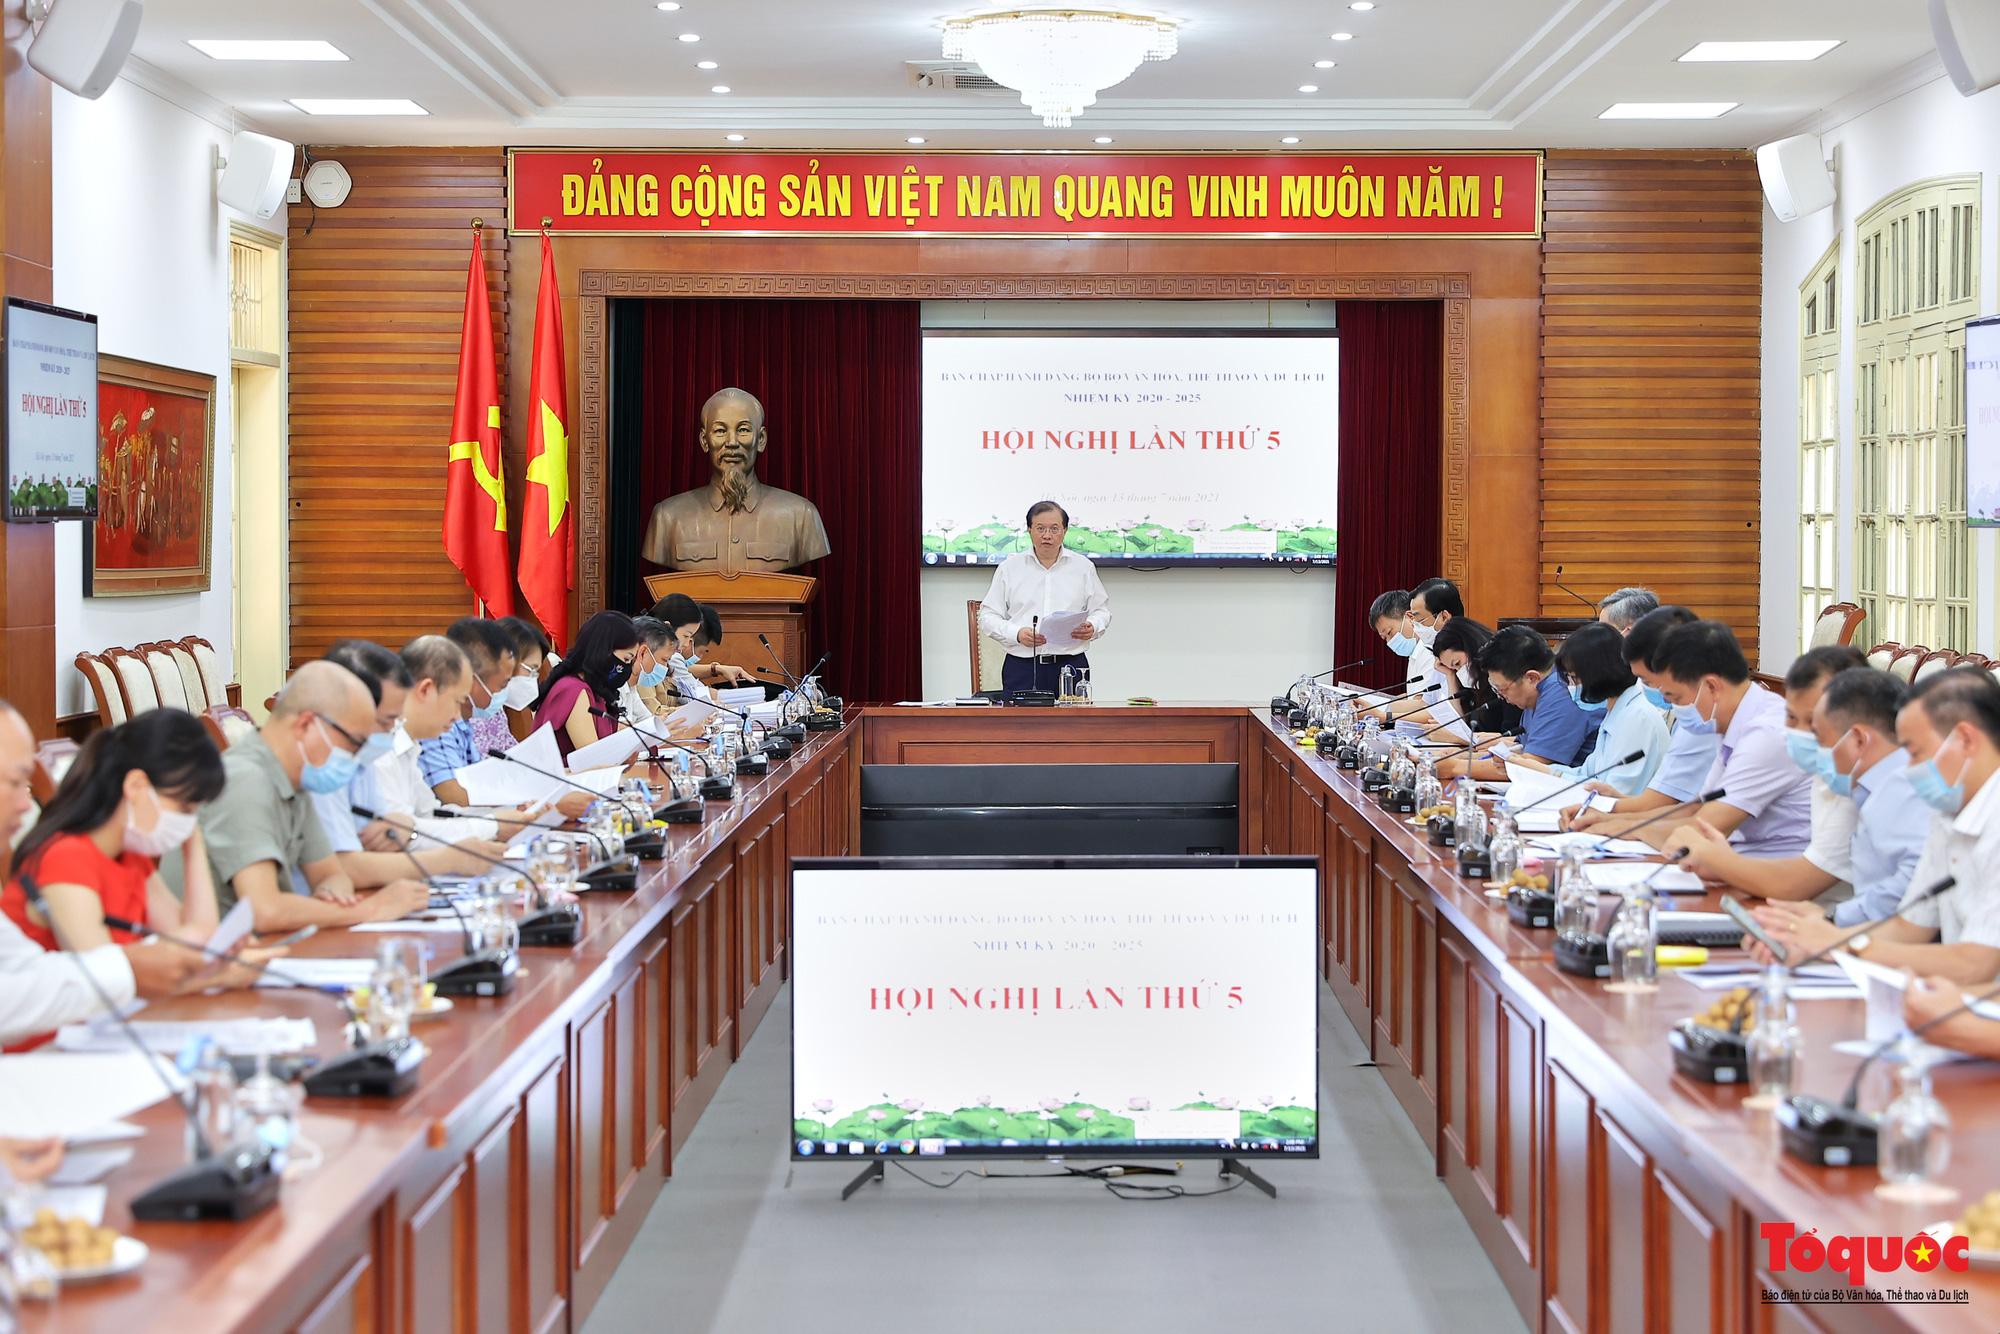 Hội nghị Ban chấp hành Đảng bộ Bộ VHTTDL lần thứ 5 - Ảnh 2.